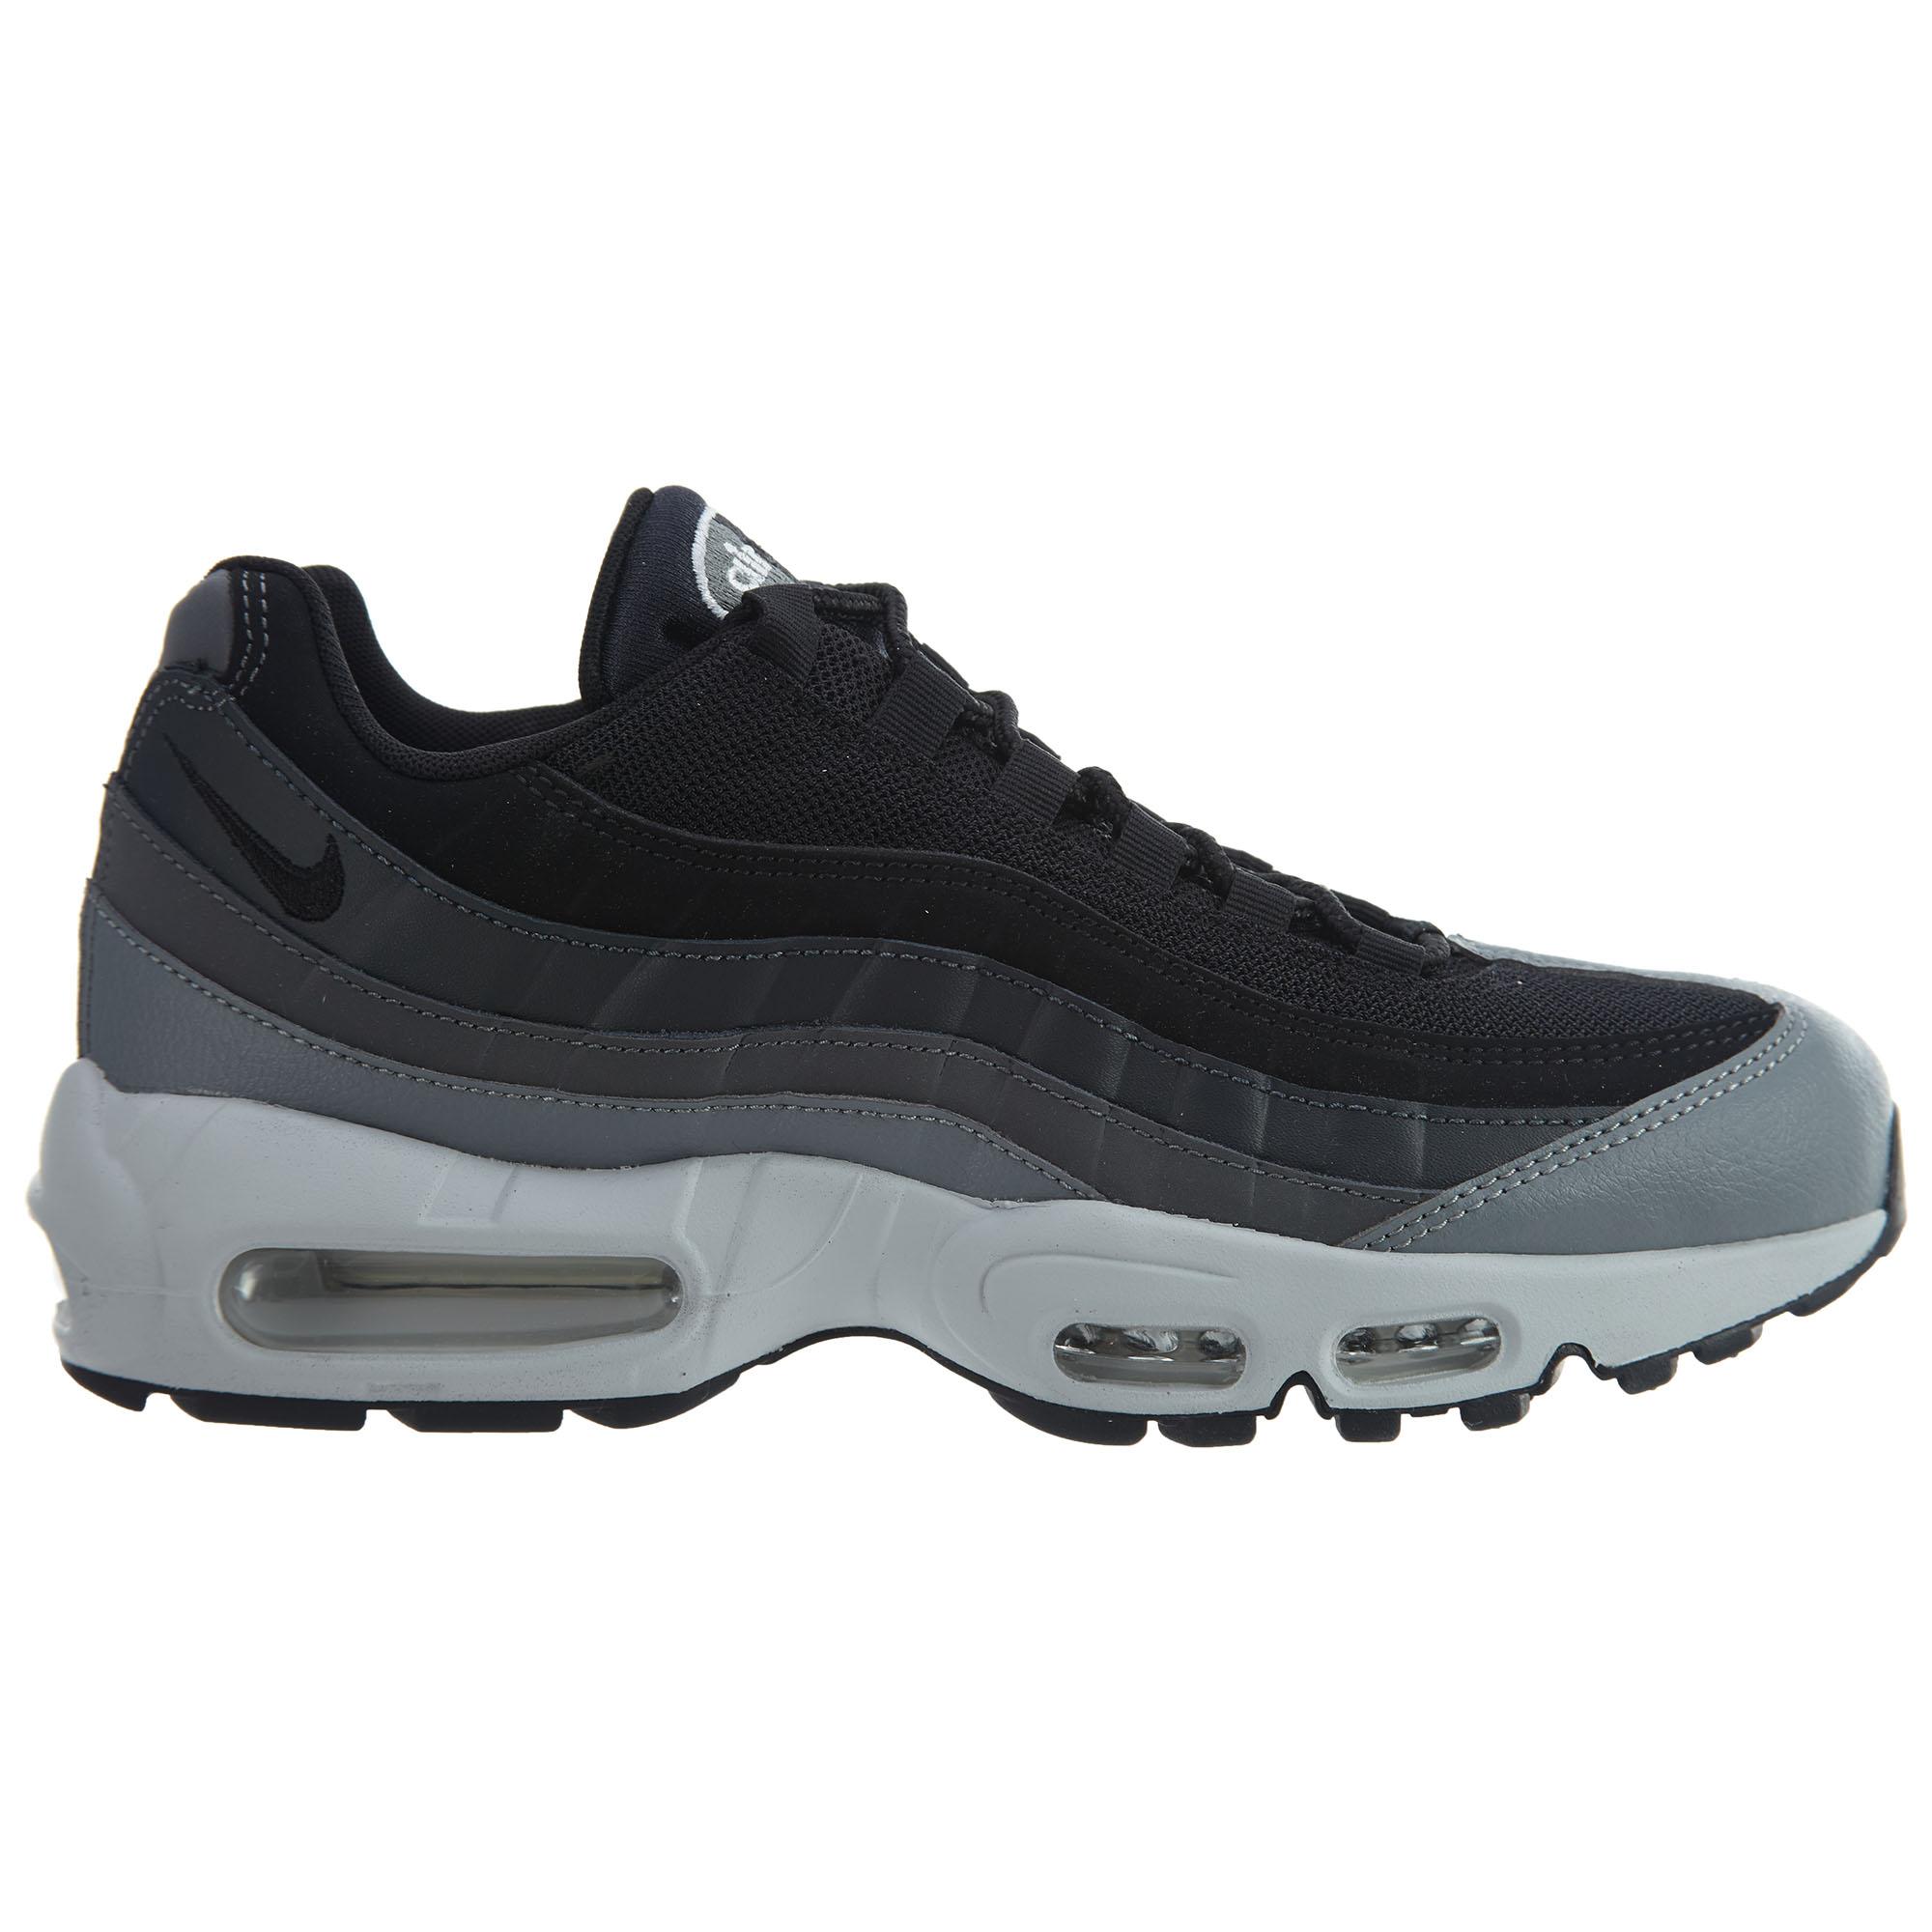 nike air max 95 essentials black